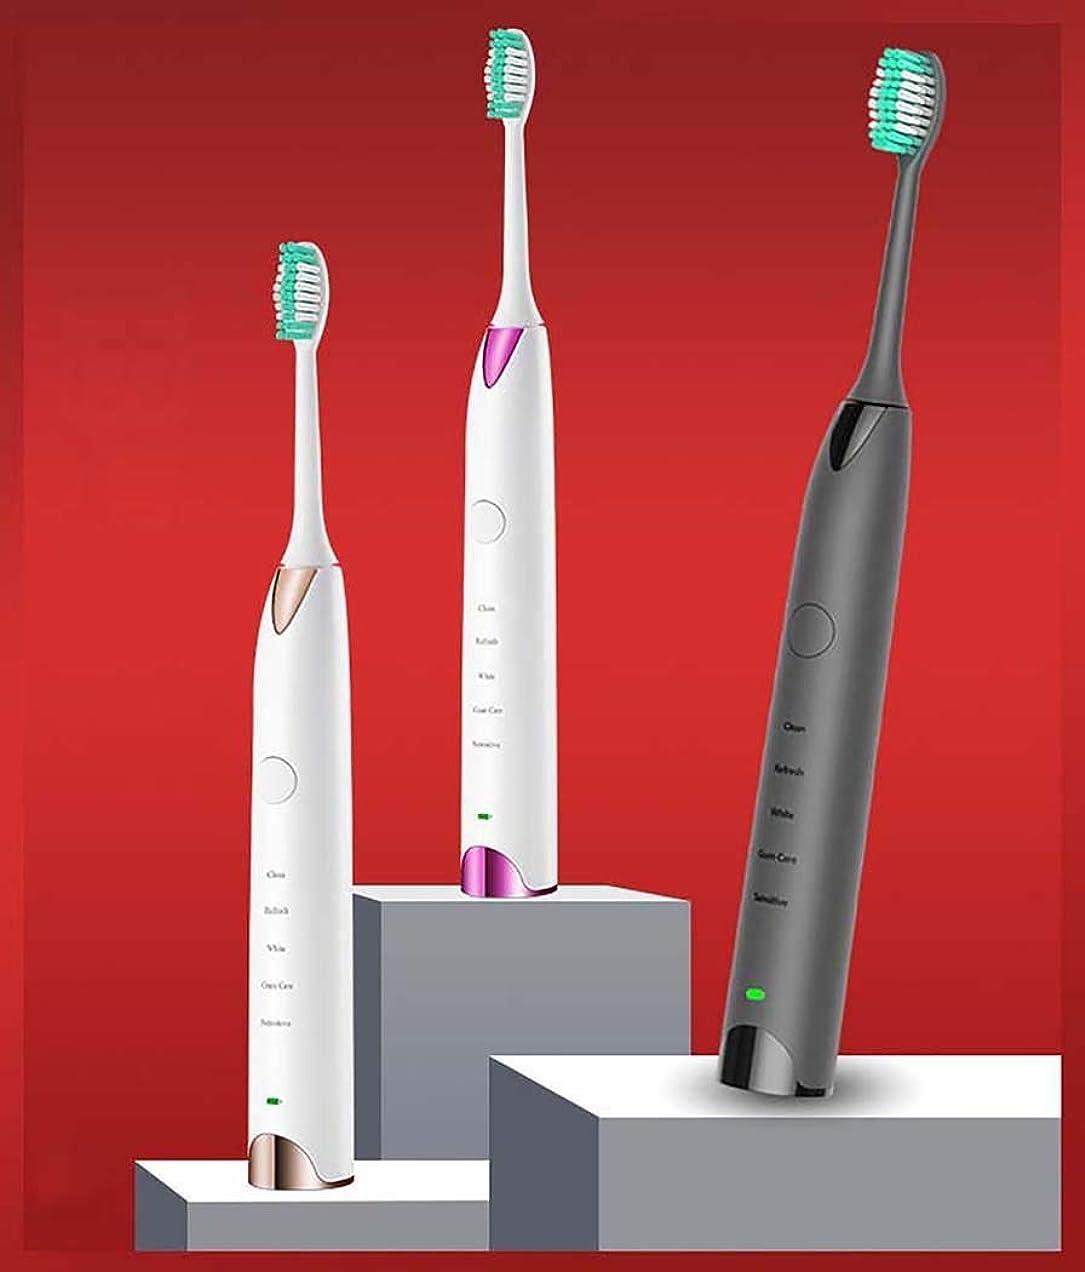 枯渇する稼ぐ心理学電動歯ブラシ、ミュート防水電動歯ブラシ、充電式自動歯ブラシ、インテリジェントタイミングチェンジエリアリマインド、USB充電方法(カラー:ピンク)